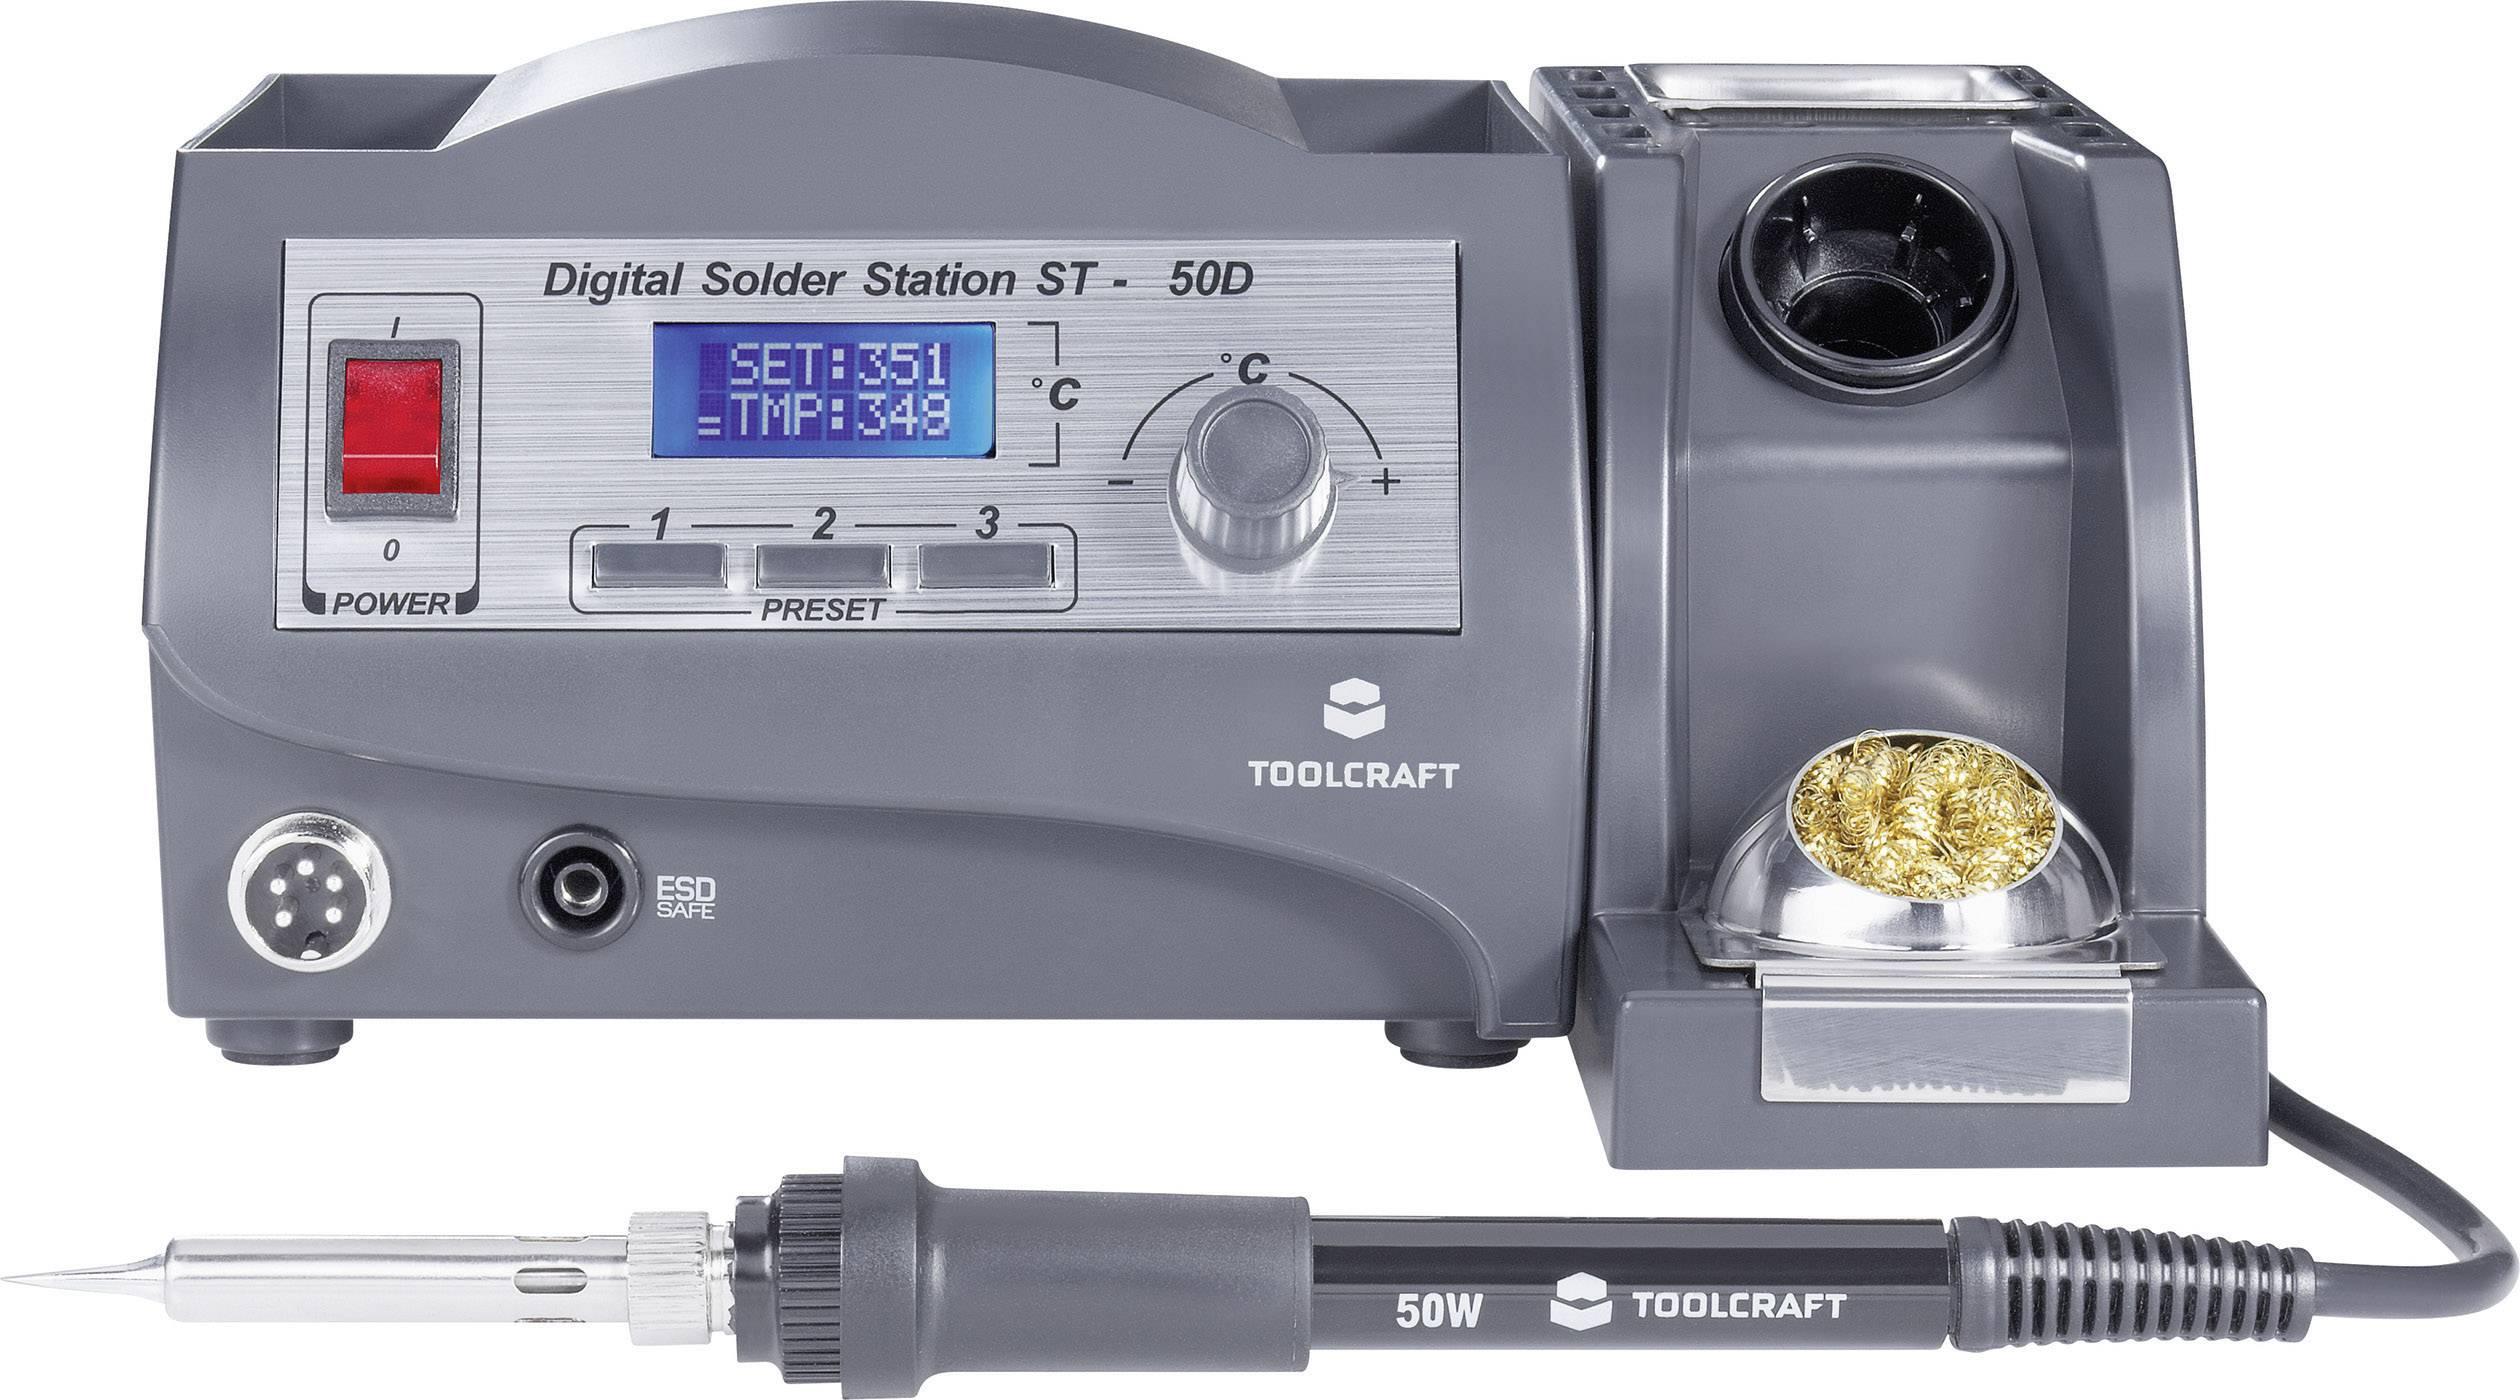 Spájkovacia stanica TOOLCRAFT 791787, digitálne/y, 50 W, +150 do +450 °C